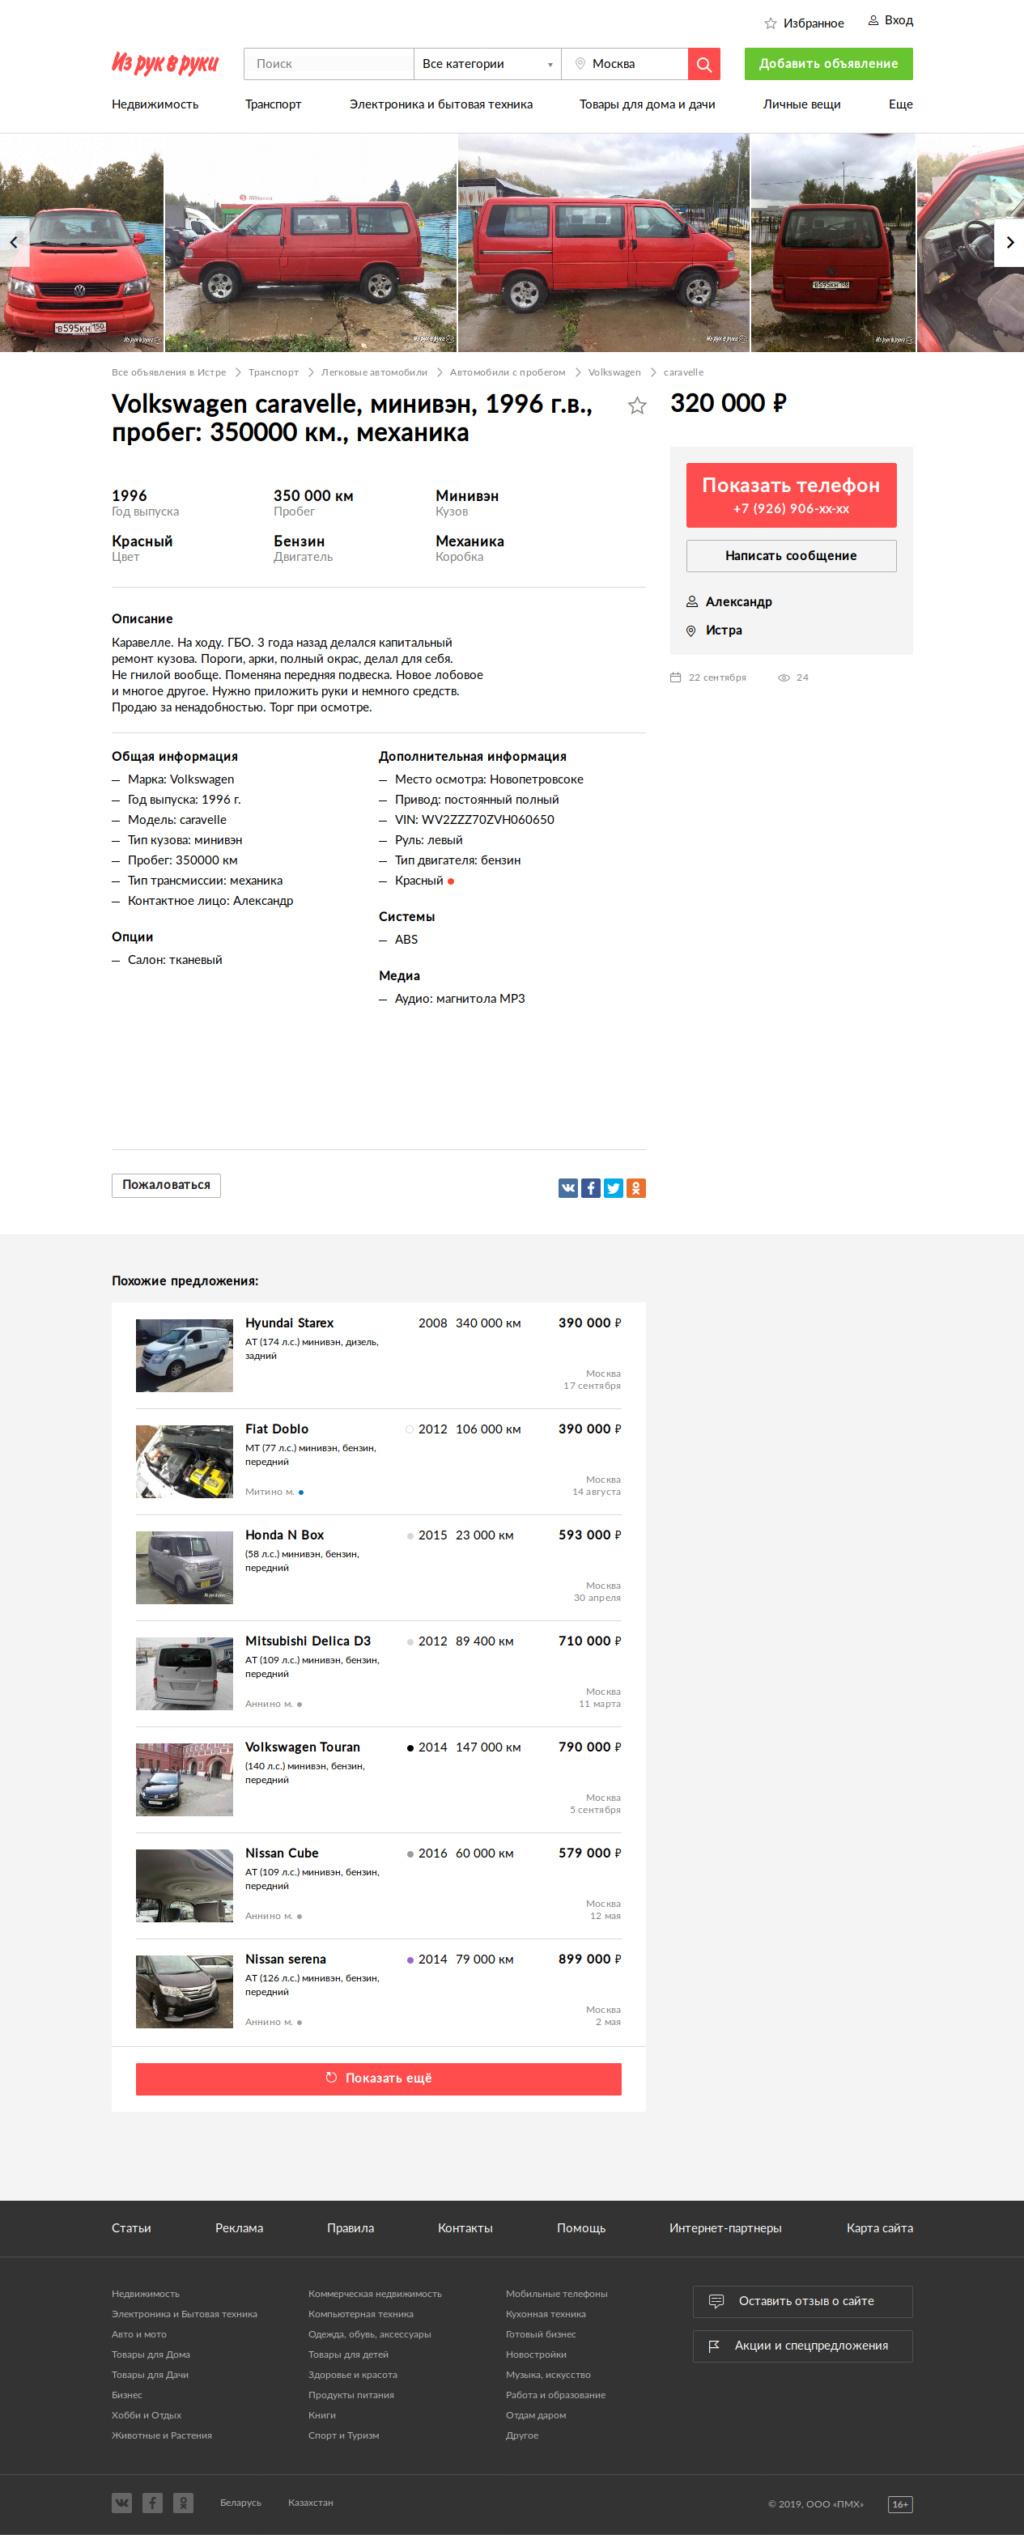 Recherche fourgon pour utilisation quotidienne 4000 à 8000€ - Page 4 Screen11